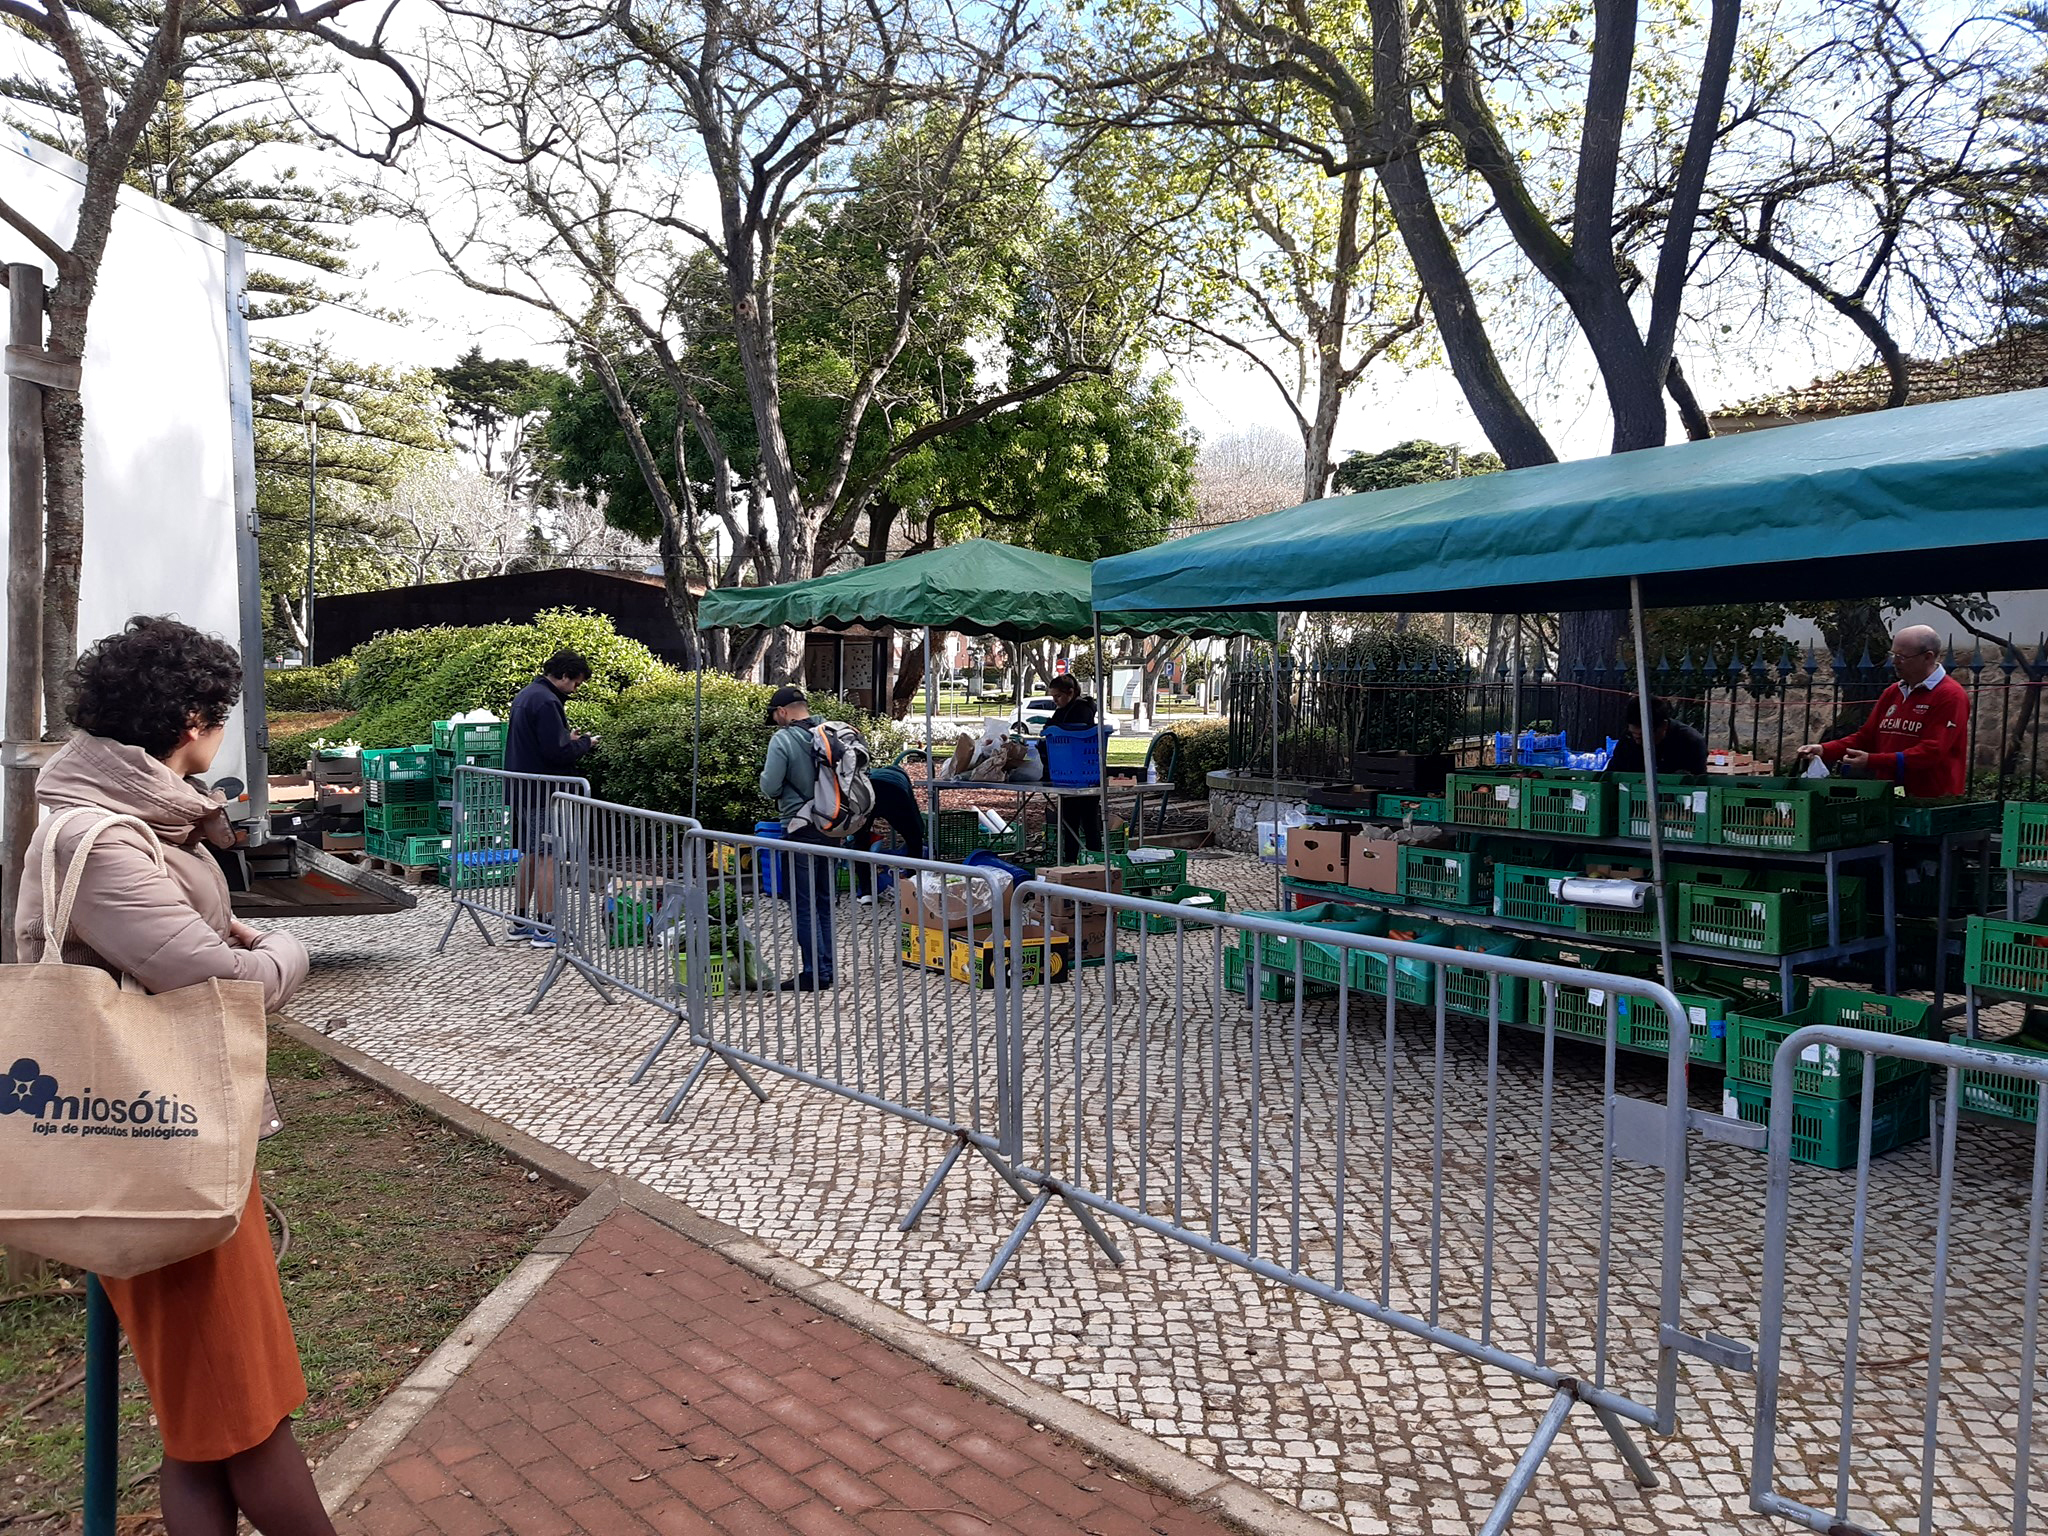 Mercado, Frescos, Mercado Agrobio de Cascais